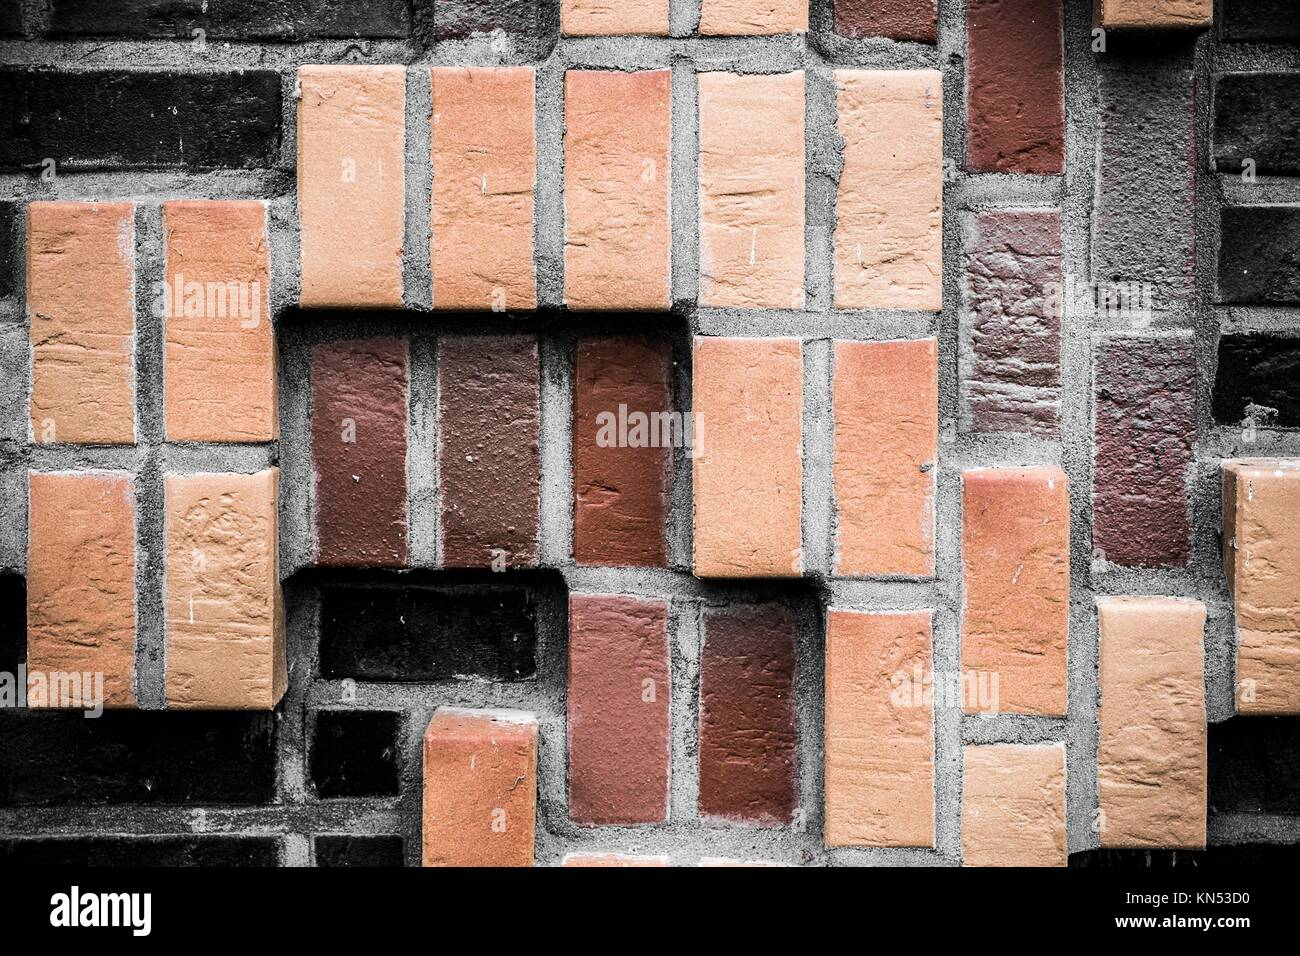 Textura del fondo abstracto urbano. Foto de stock